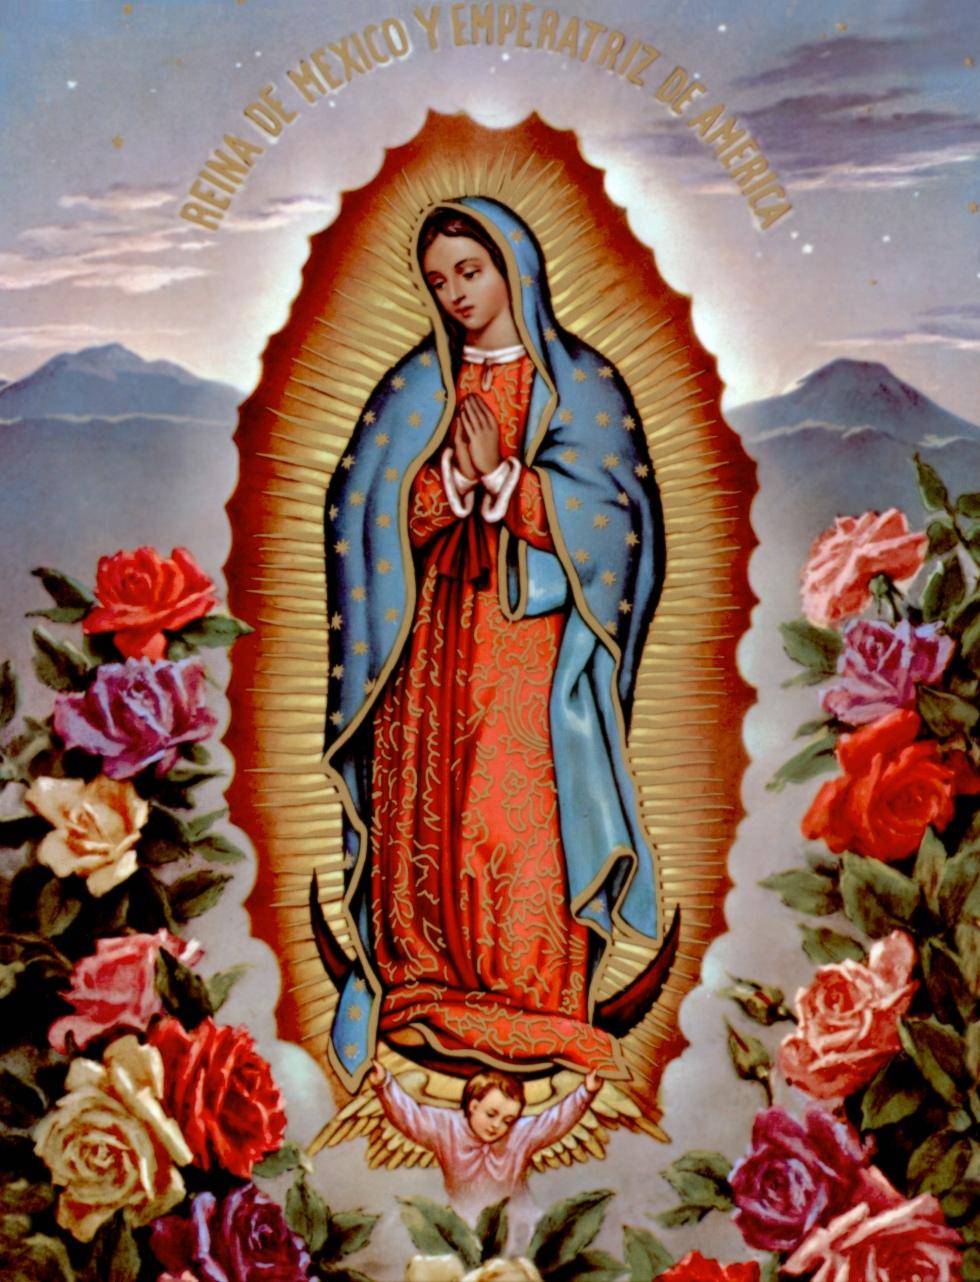 Madonna como una virgen original